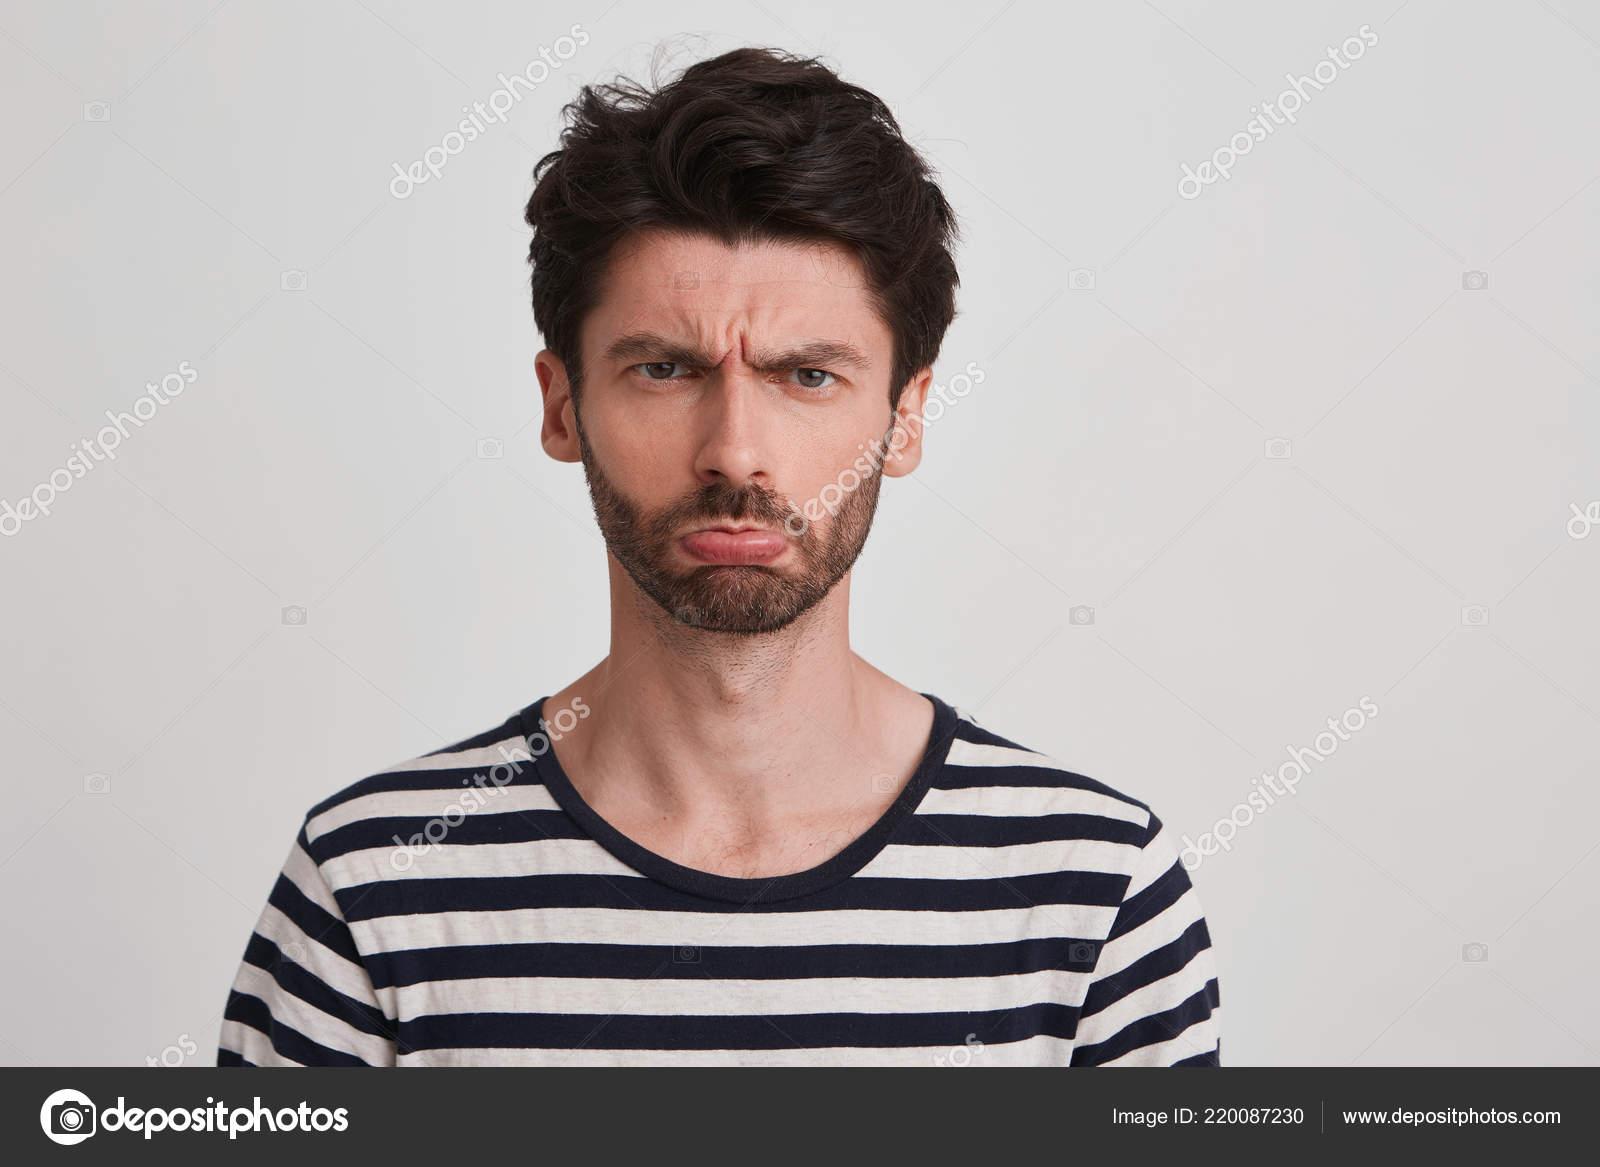 Viso ragazzo giovane capelli castani